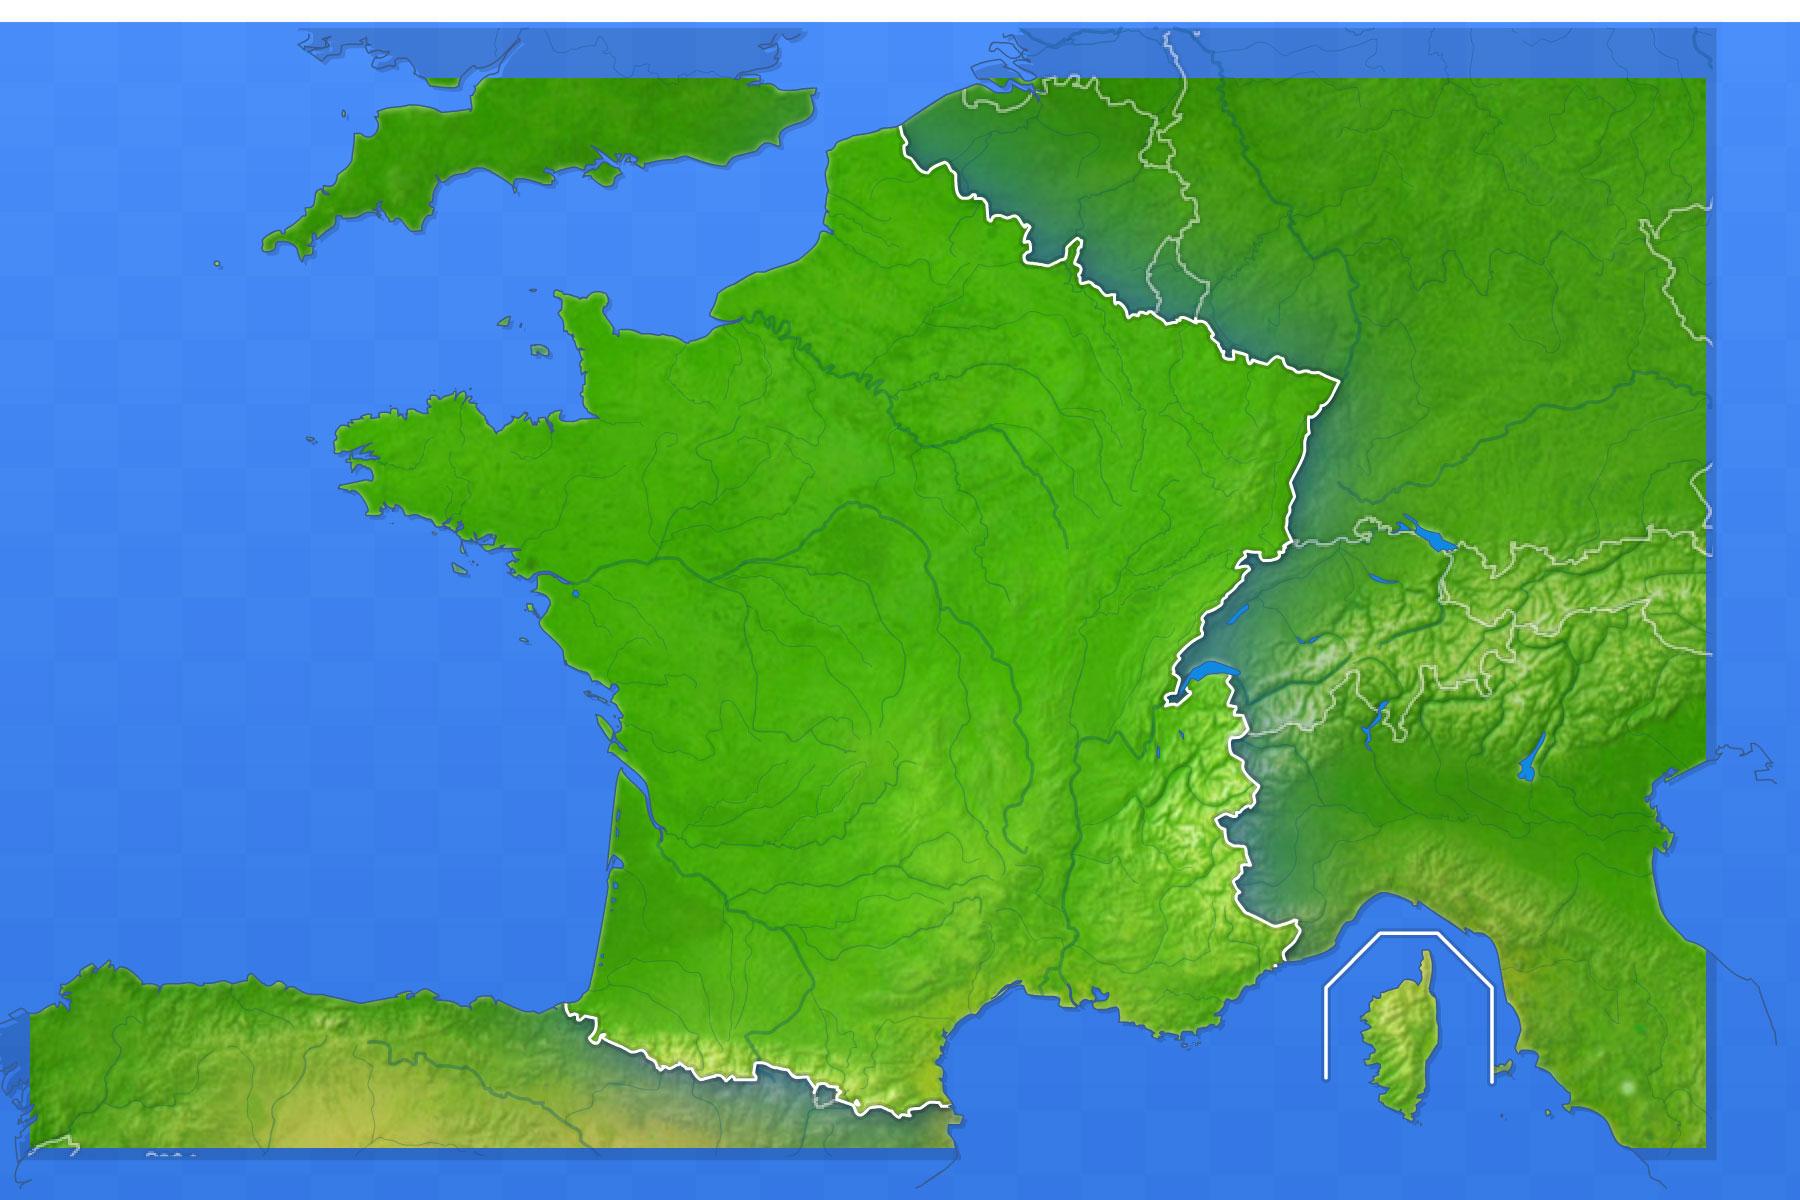 Jeux-Geographiques Jeux Gratuits Jeu Villes De France intérieur Jeux Geographie